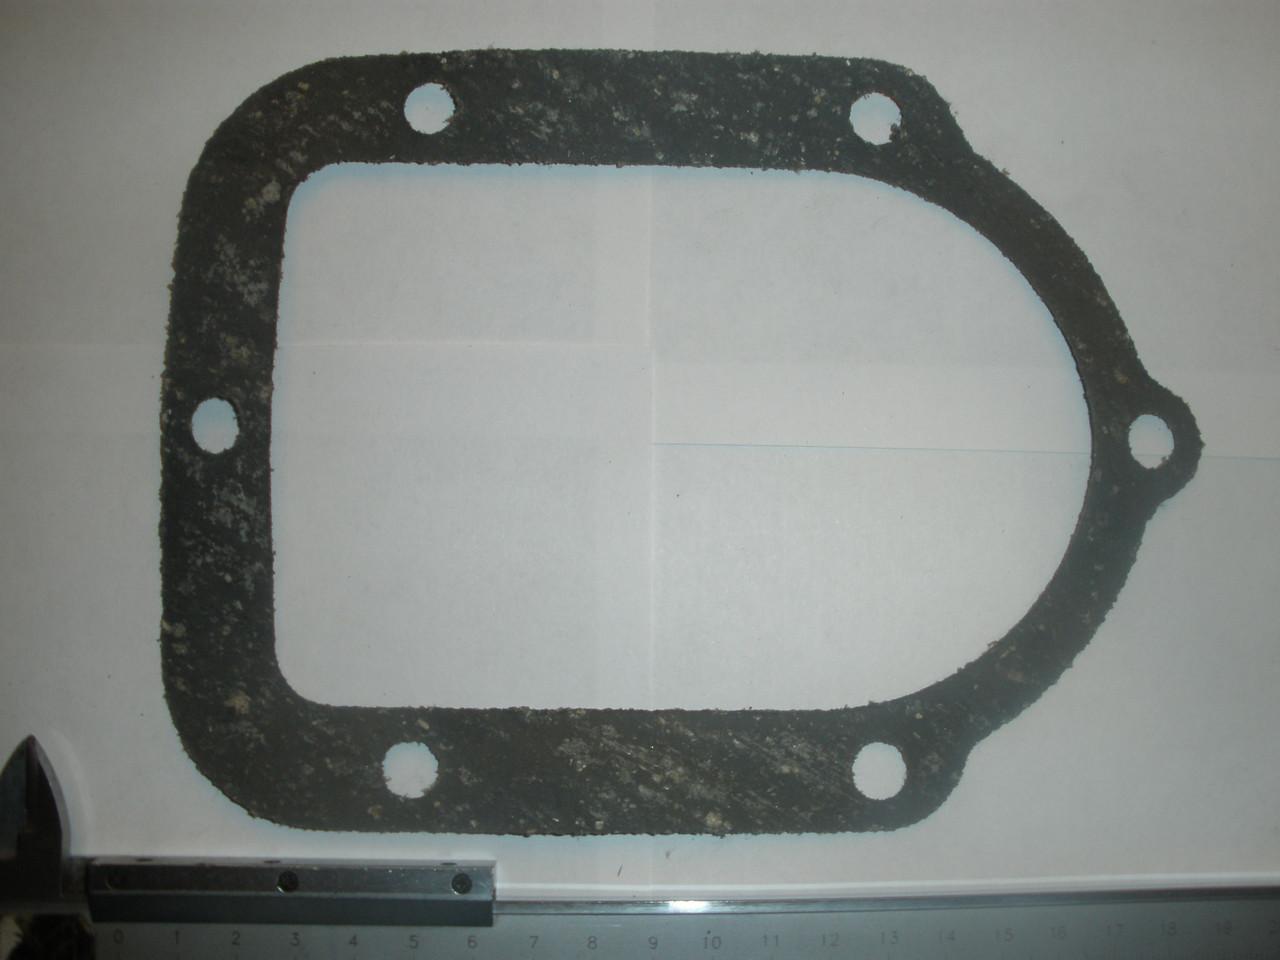 Прокладка кришки люка відбору потужності КПП ГАЗ 52-01, 3307, 3308, 5312, 53А, 66 (52-1701021 ВАТІ Росія)